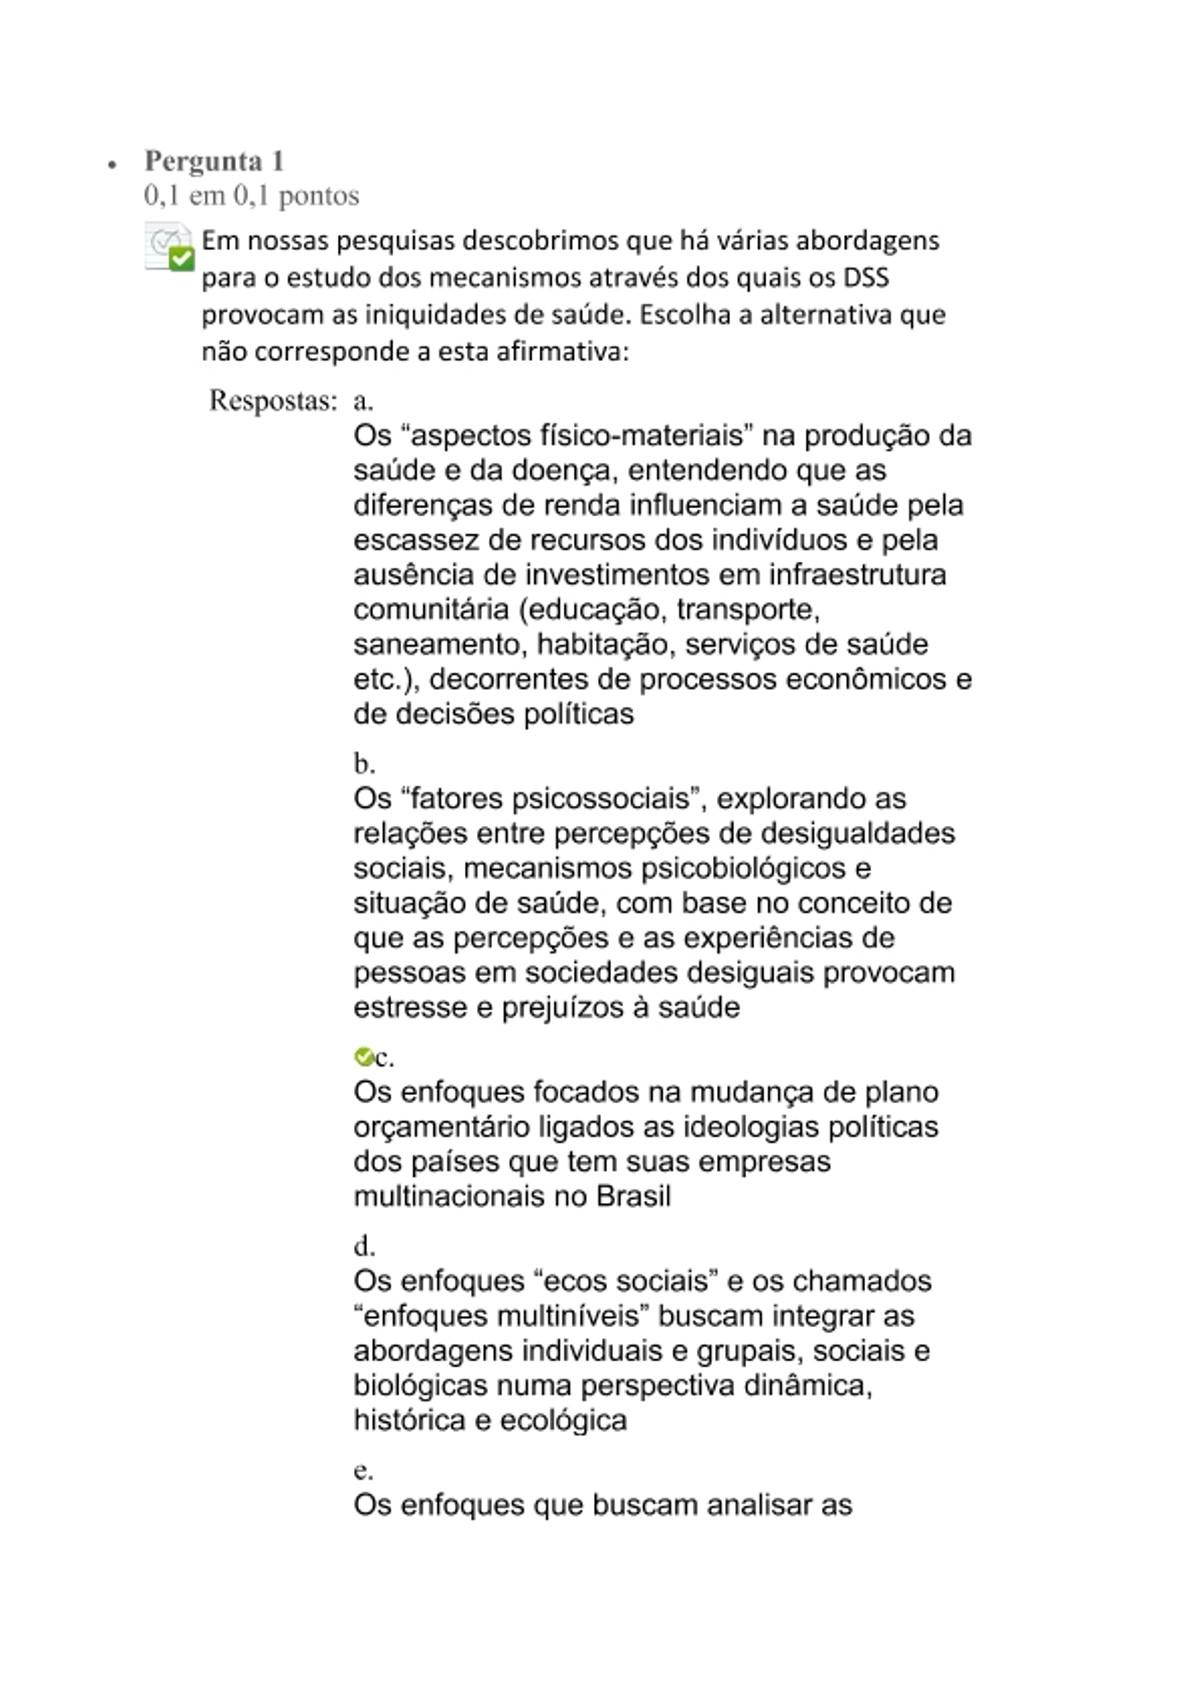 Pre-visualização do material questionario 2 - página 1